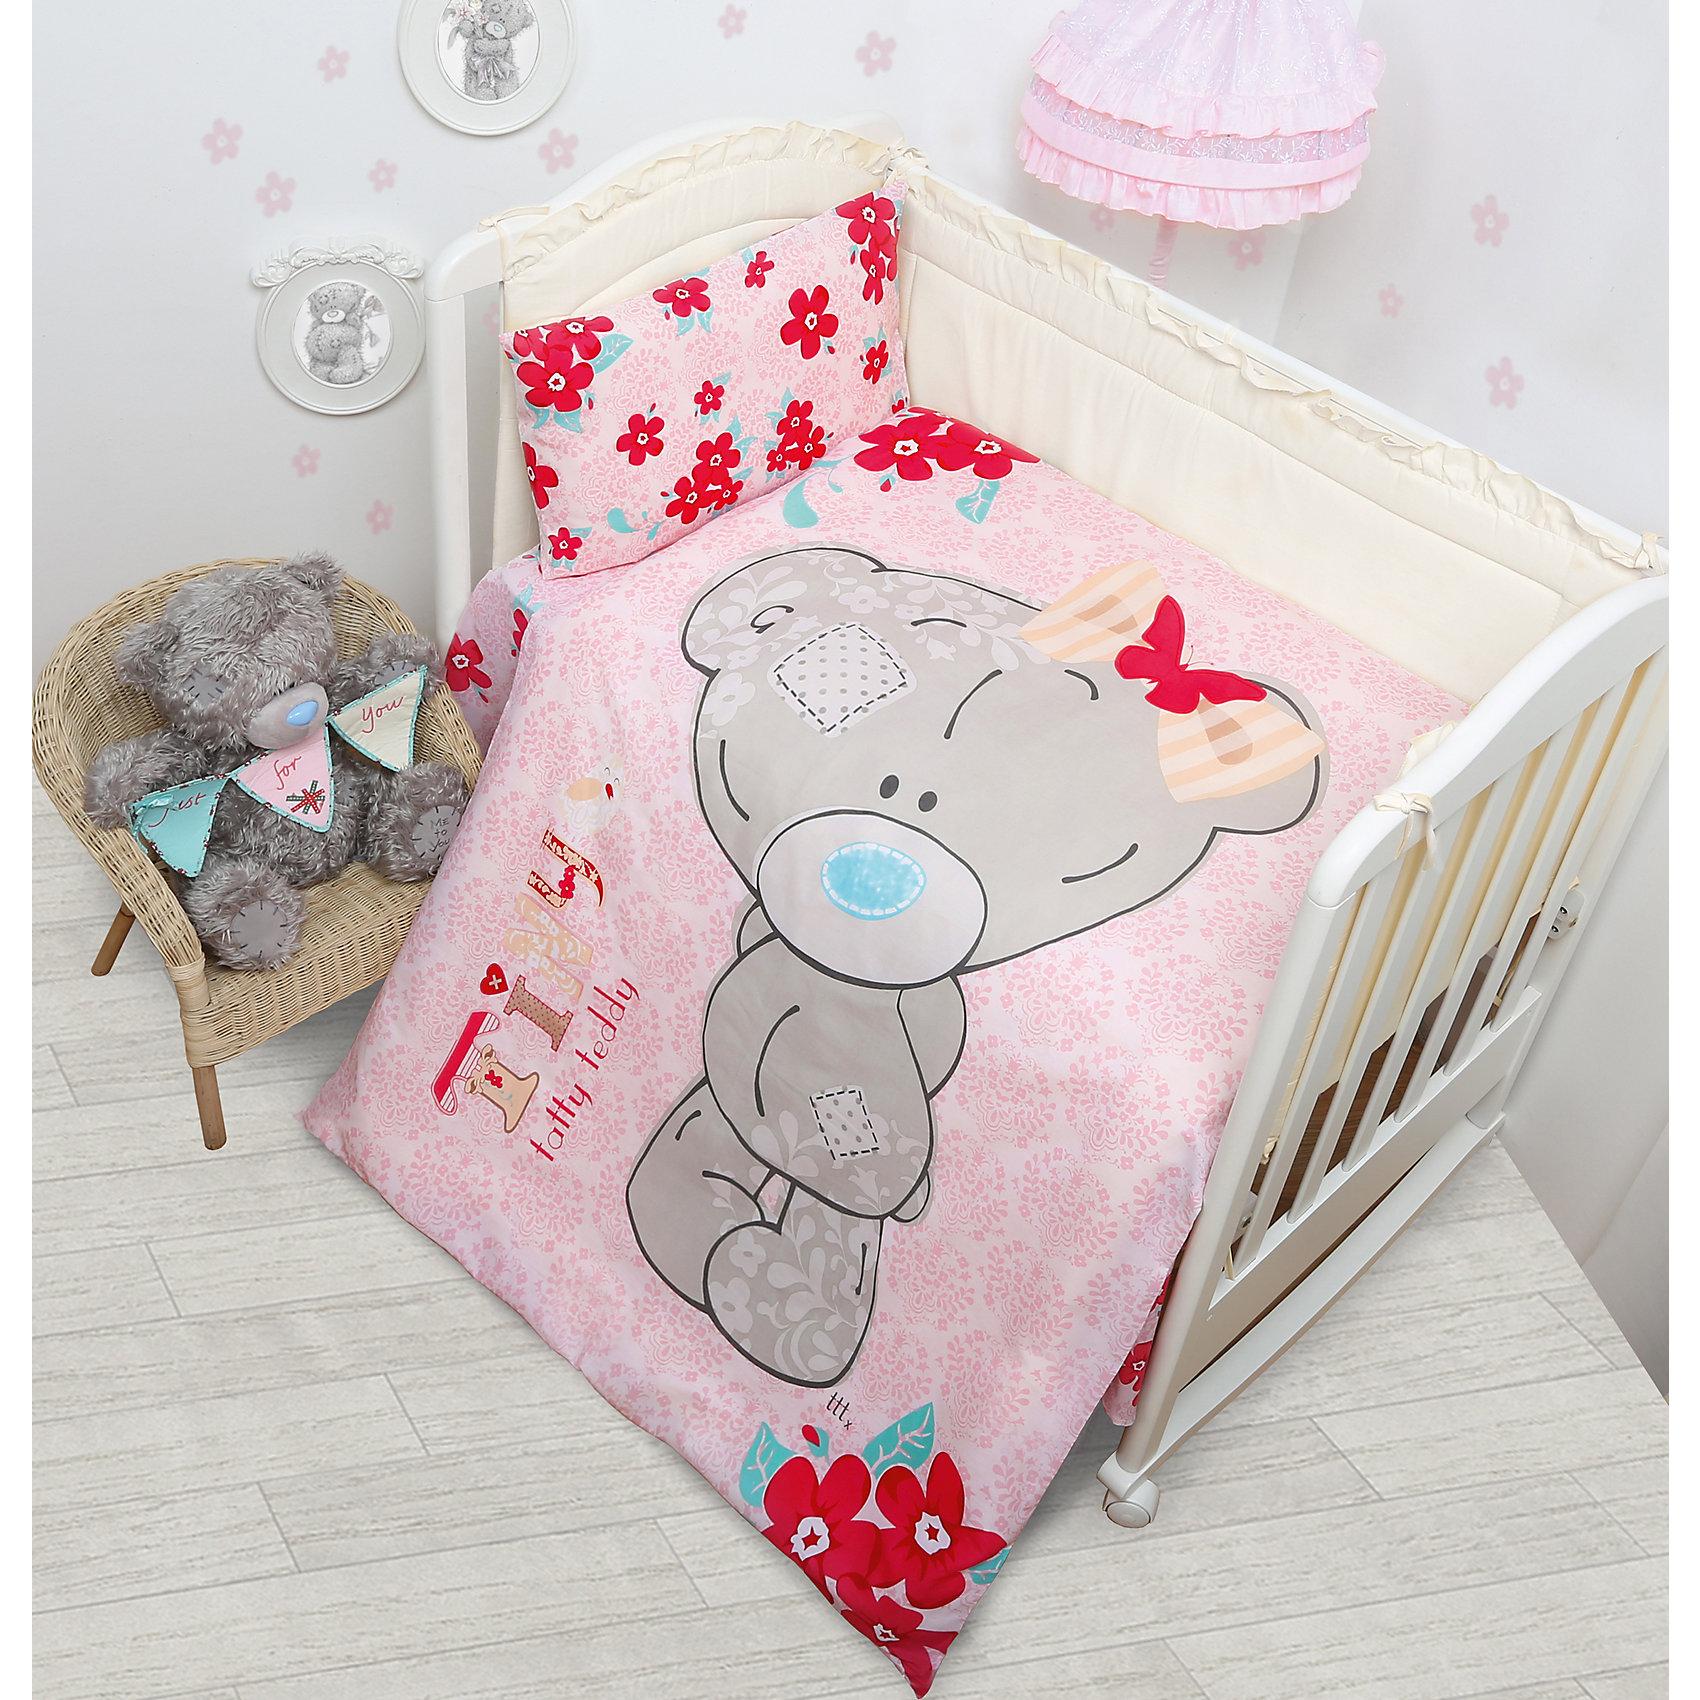 Мона Лиза Постельное белье детское Малышка Тедди, Me to You, розовый футболка для беременных printio мишка me to you